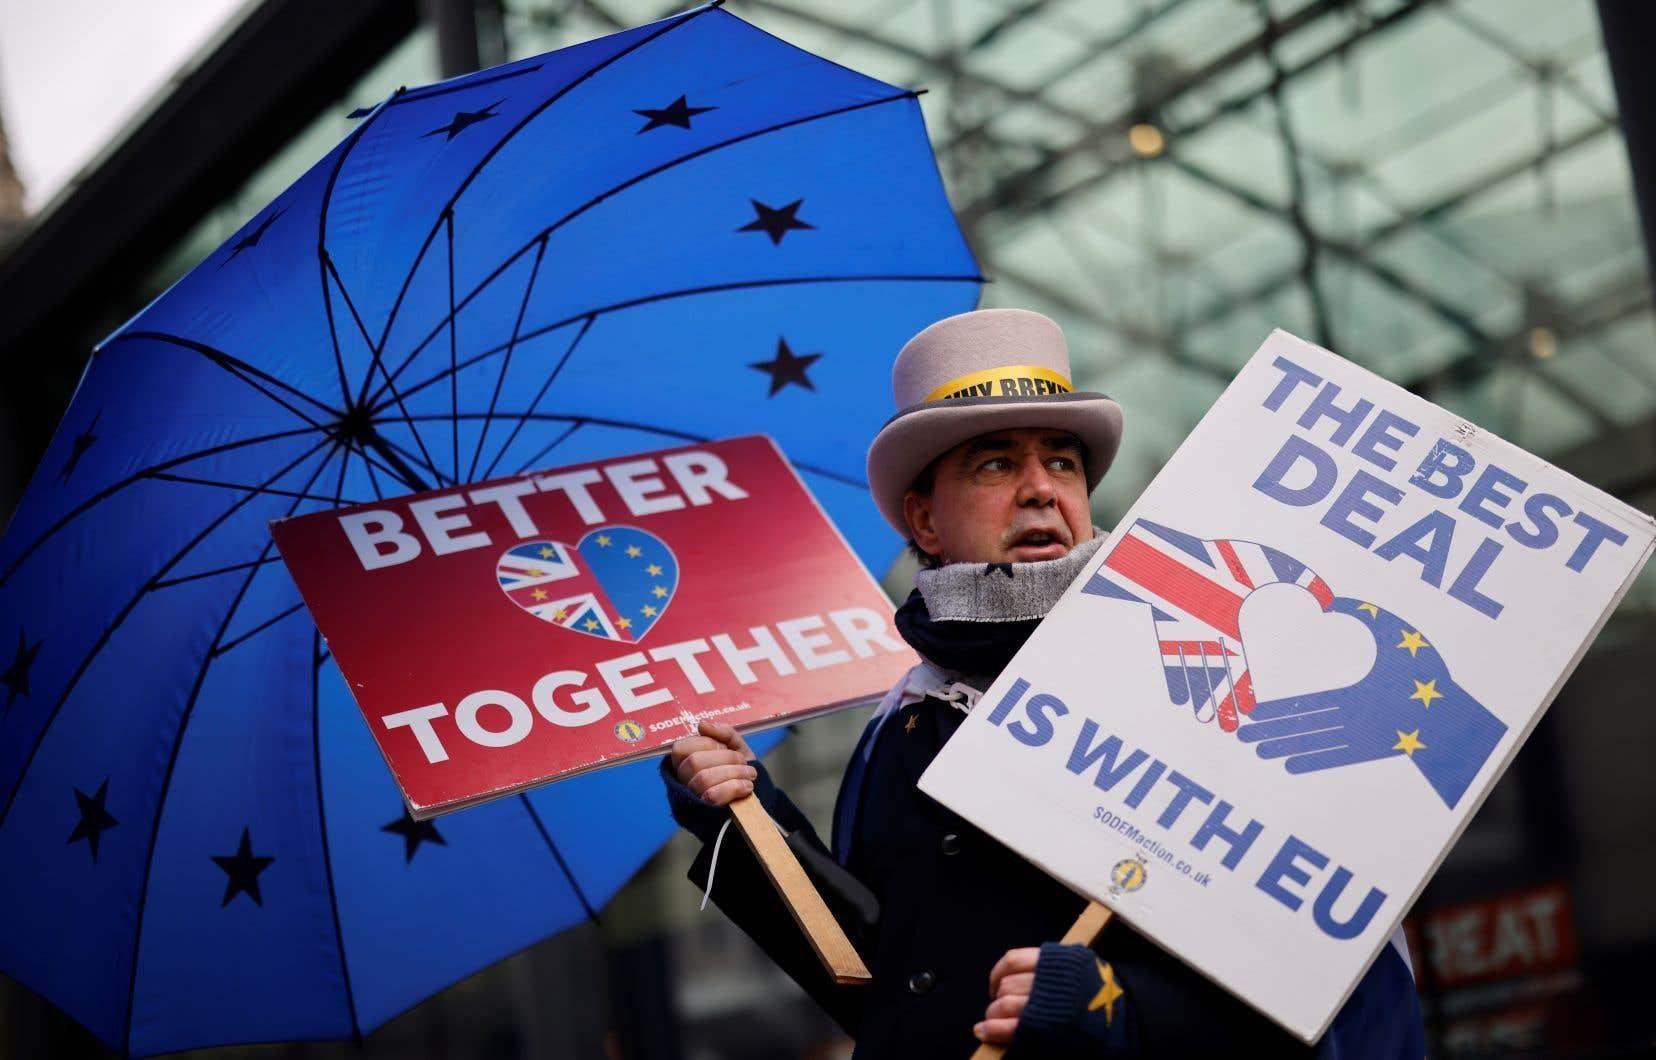 Le 31décembre, les Britanniques, qui ont quitté l'UE le 31janvier, cesseront d'appliquer les normes européennes.